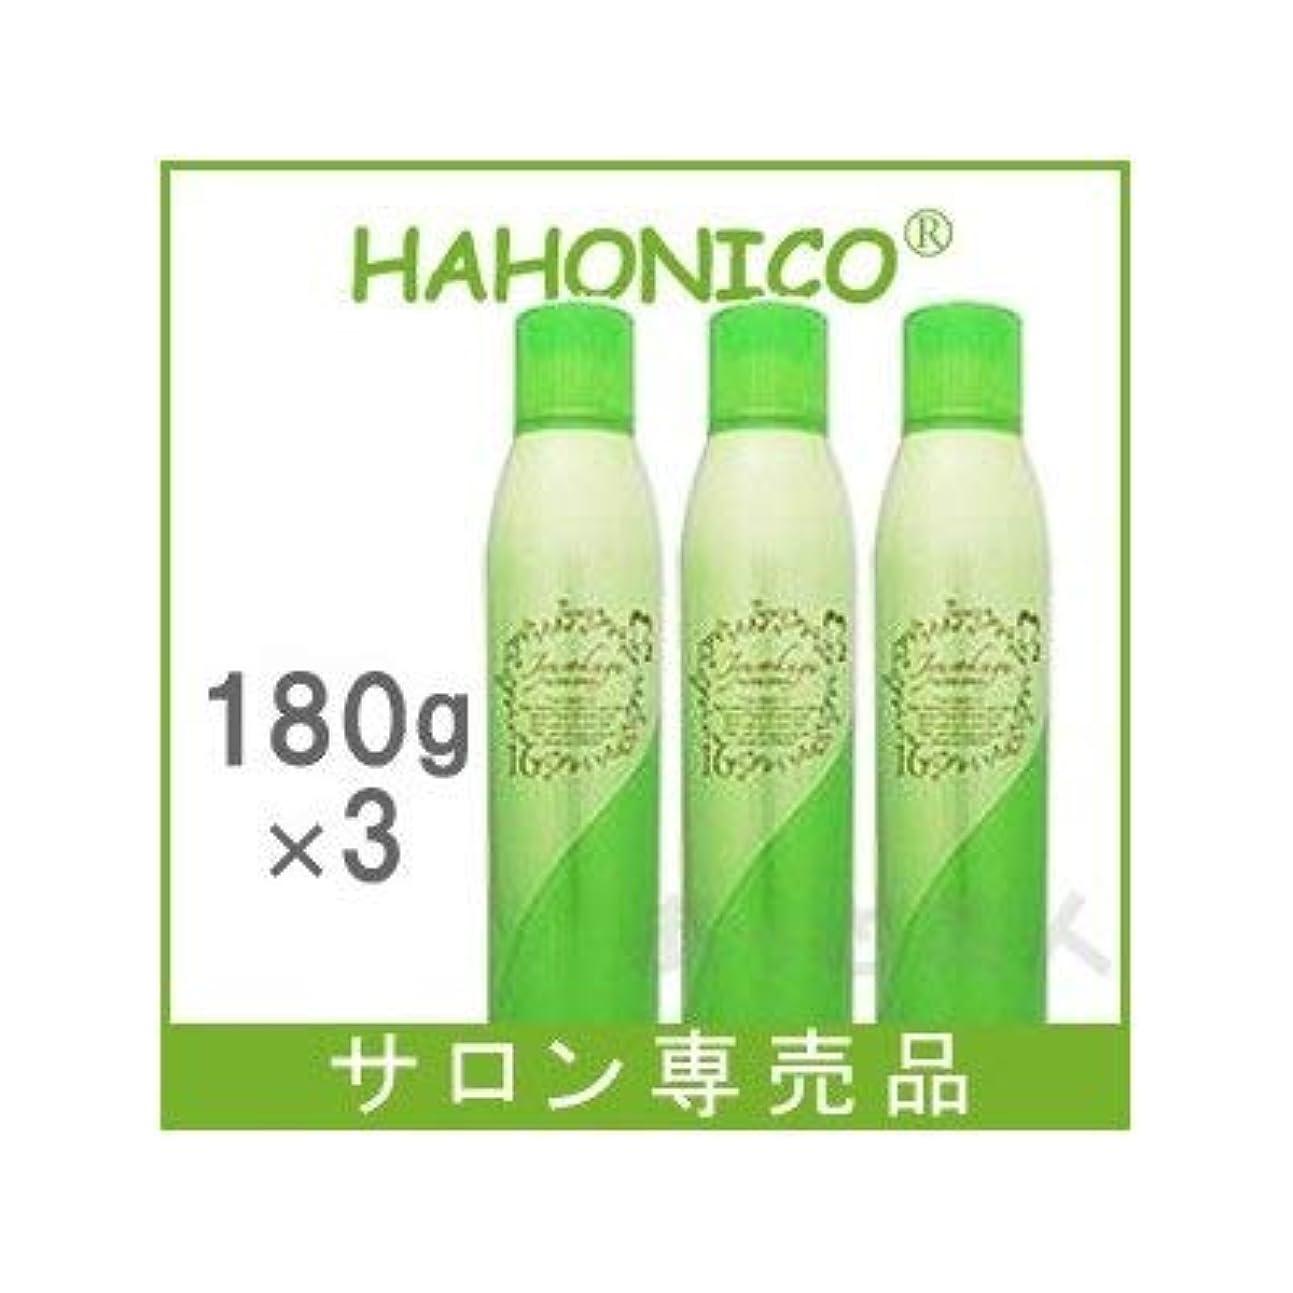 土方向アコード【X3個セット】 ハホニコ ジュウロクユ ツヤスプレー 180g 十六油 HAHONICO